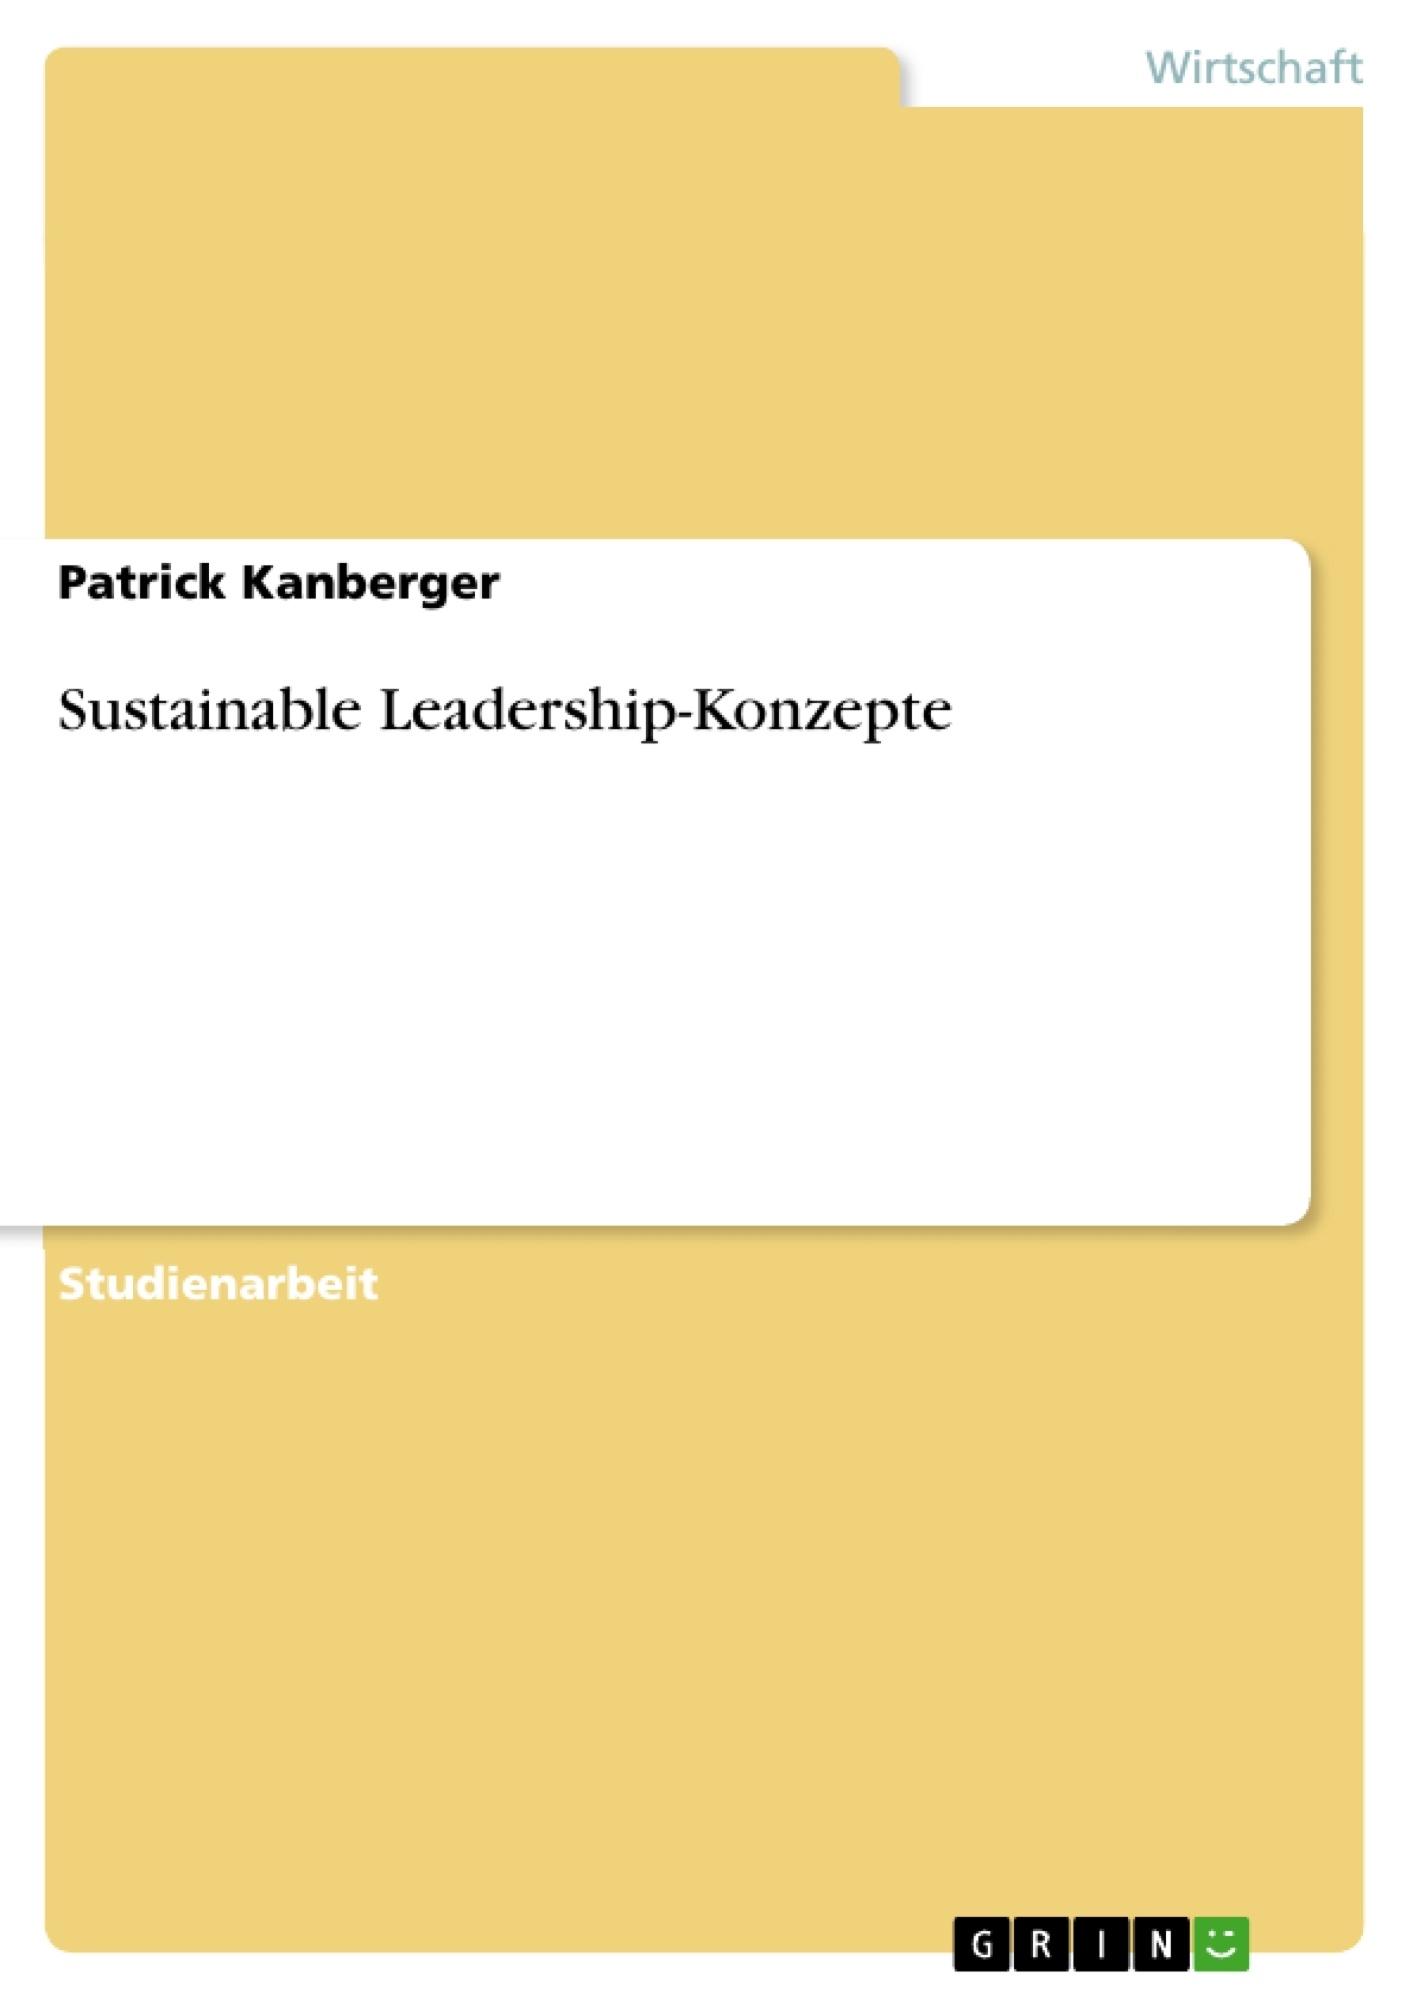 Titel: Sustainable Leadership-Konzepte